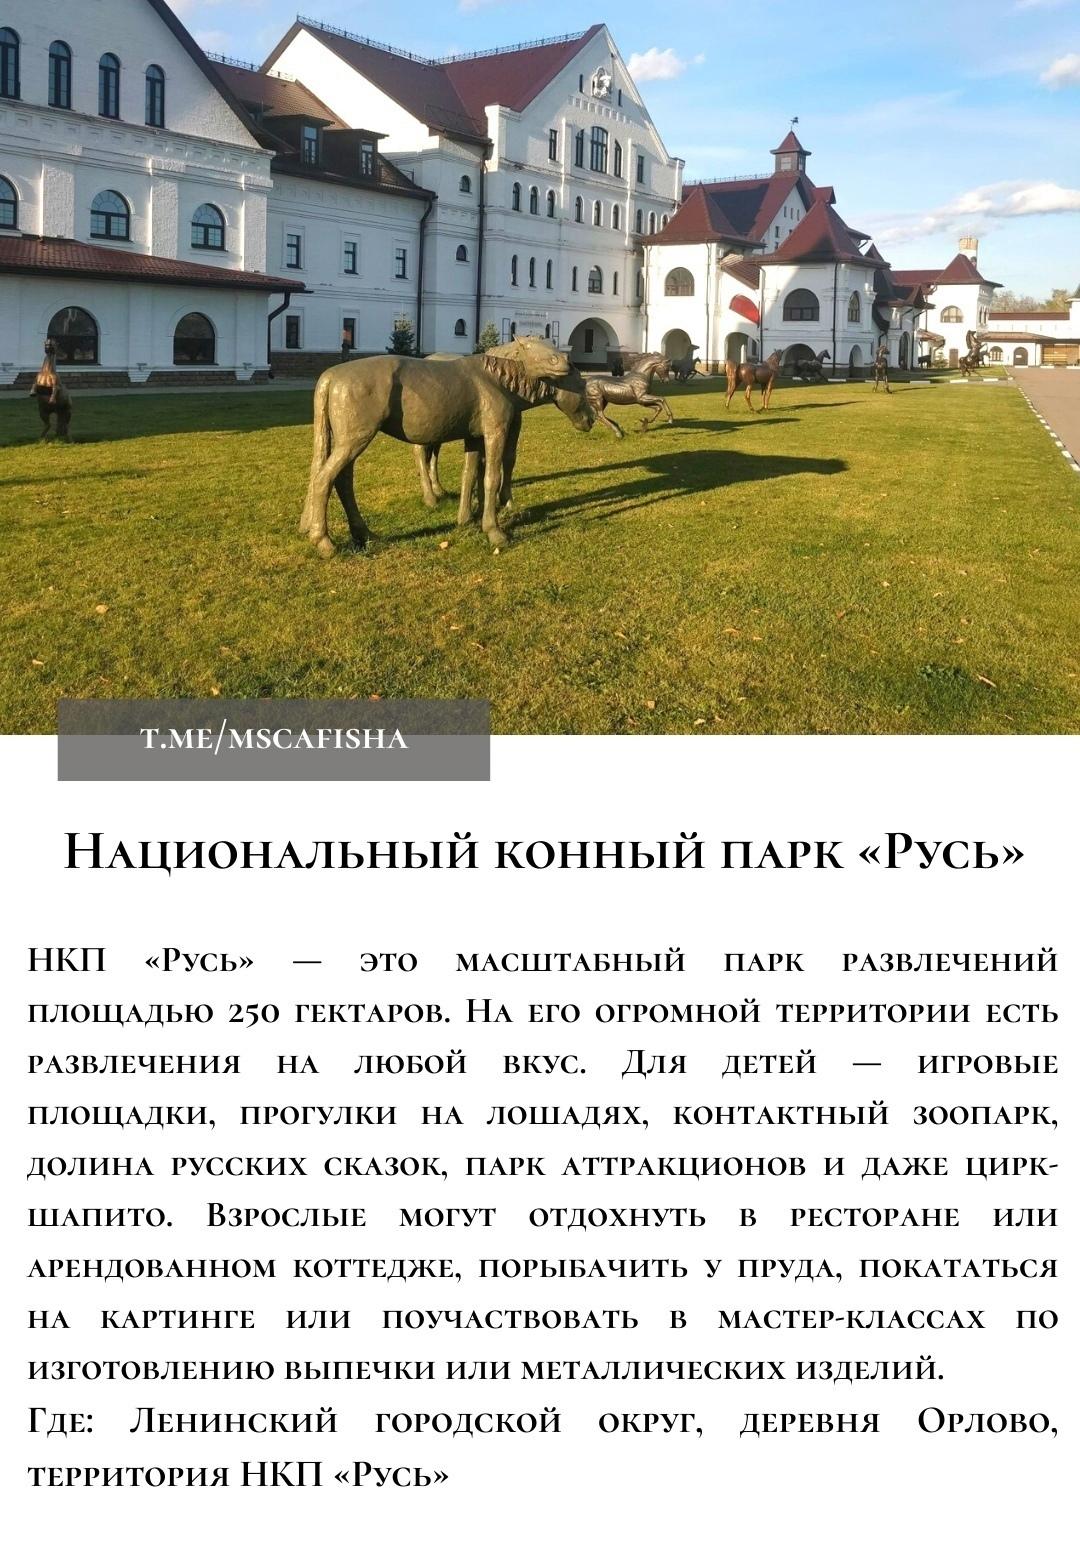 ТОП-5 мест, где можно покататься на лошадях в Подмосковье: